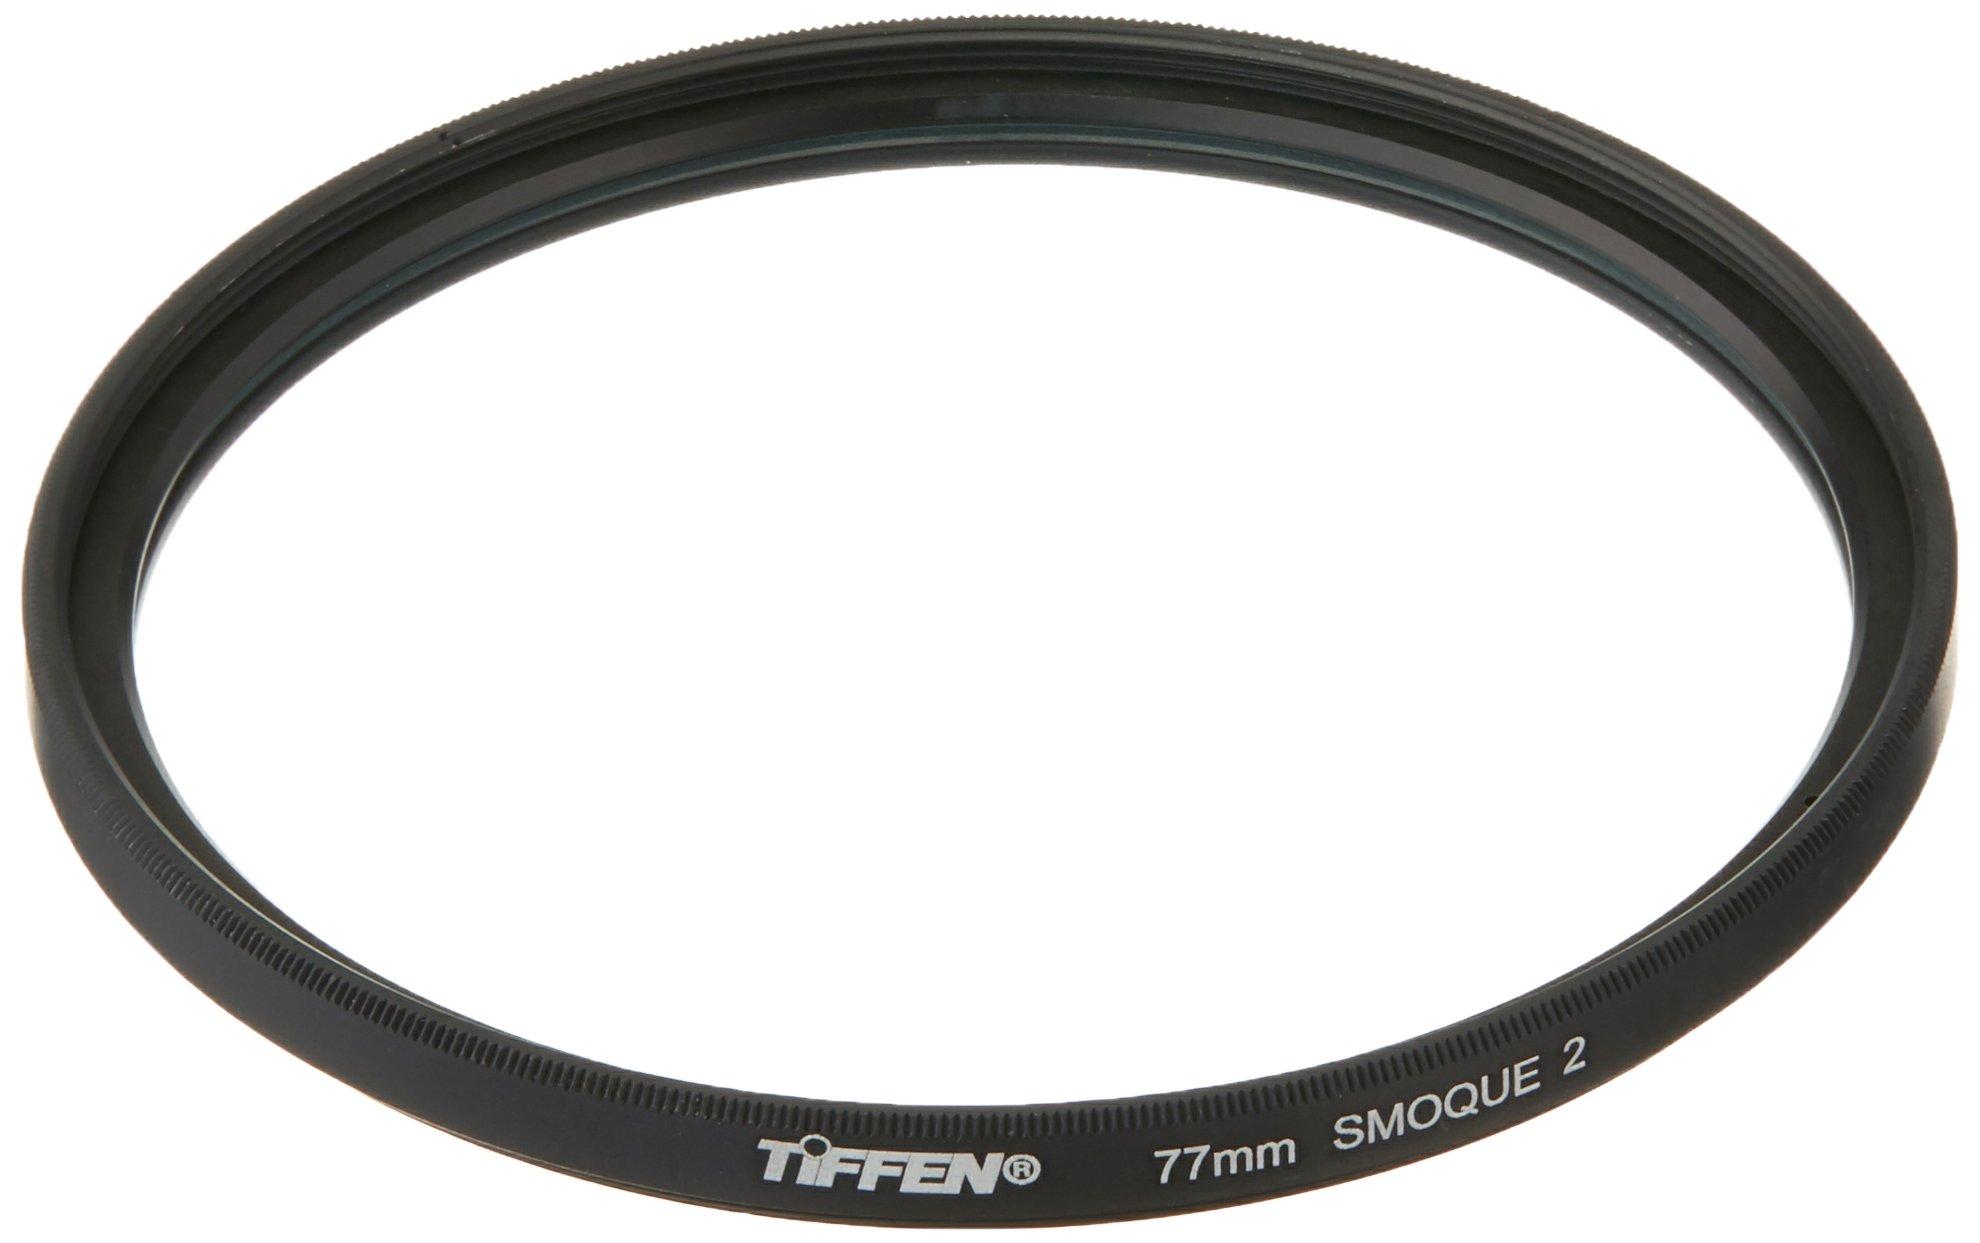 Tiffen 77SMQ2 77mm Smoque 2 Filter by Tiffen